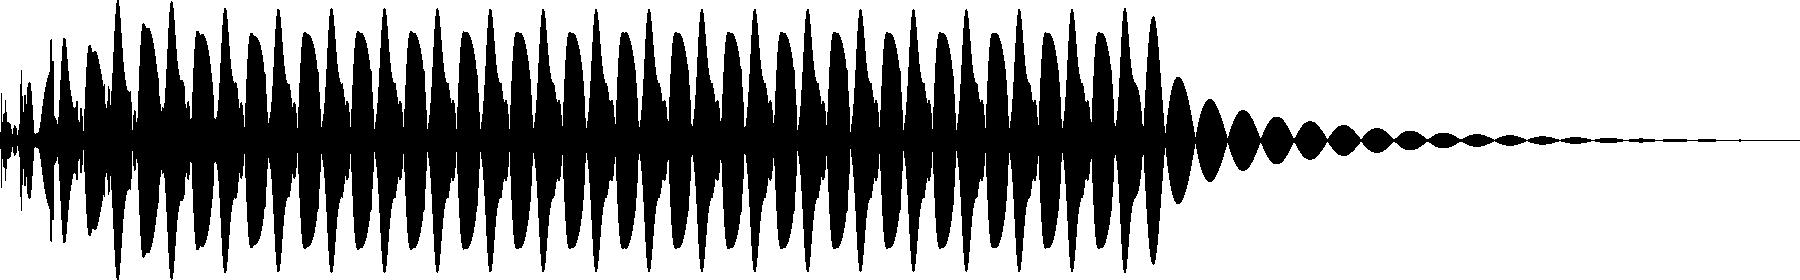 vedh bass cut 088 f